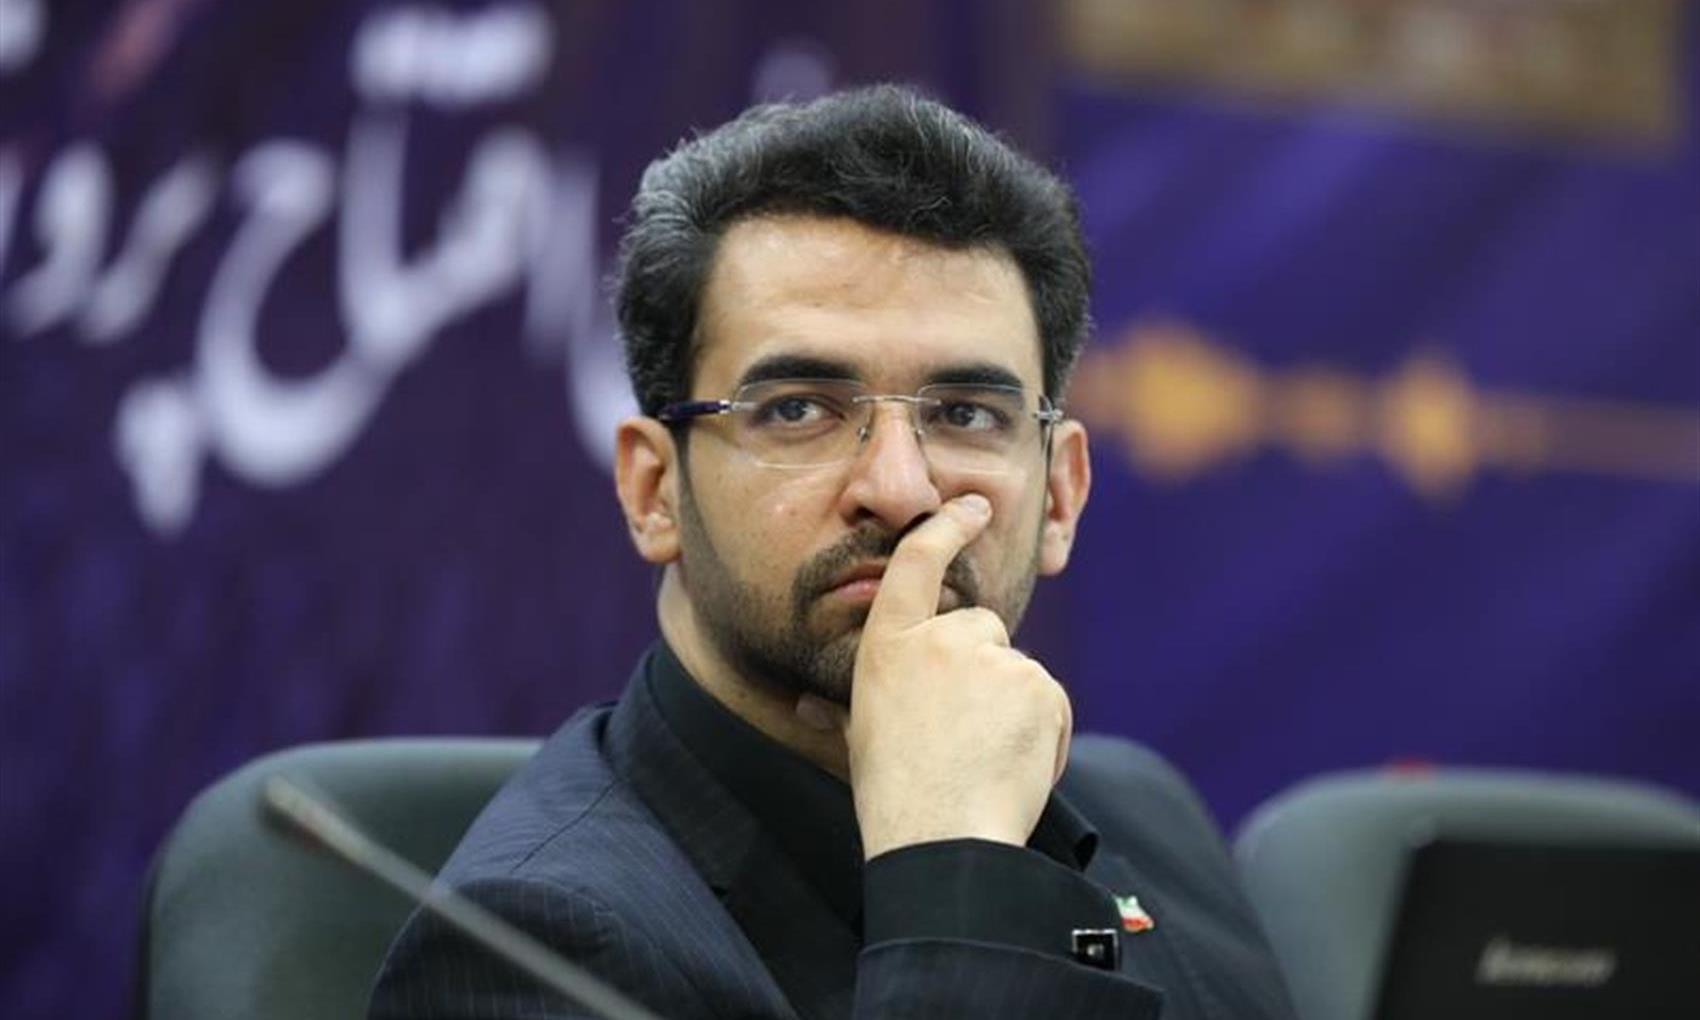 آذری جهرمی: ایران در میان پنج قدرت برتر فضایی جهان قرار میگیرد